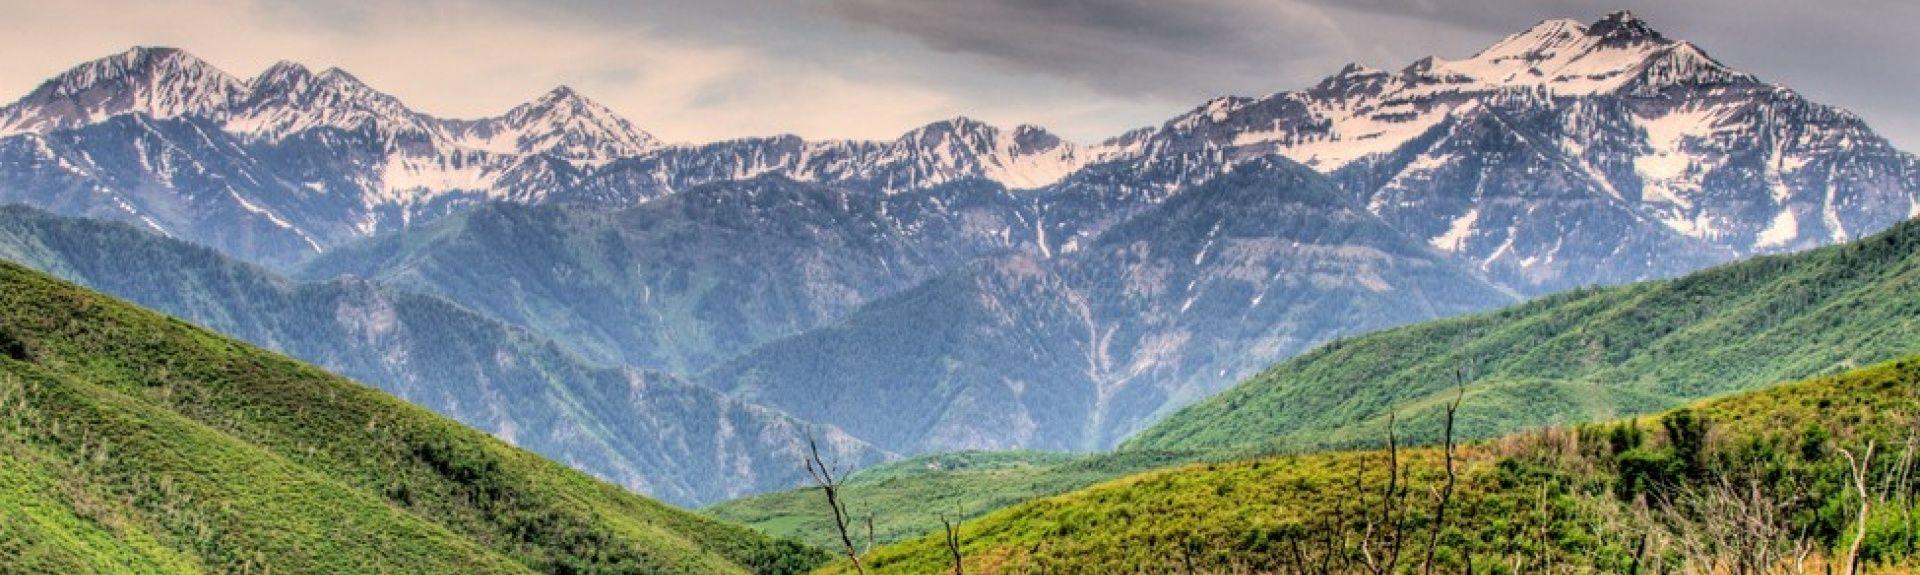 Jordanelle Reservoir, Heber City, Utah, États-Unis d'Amérique